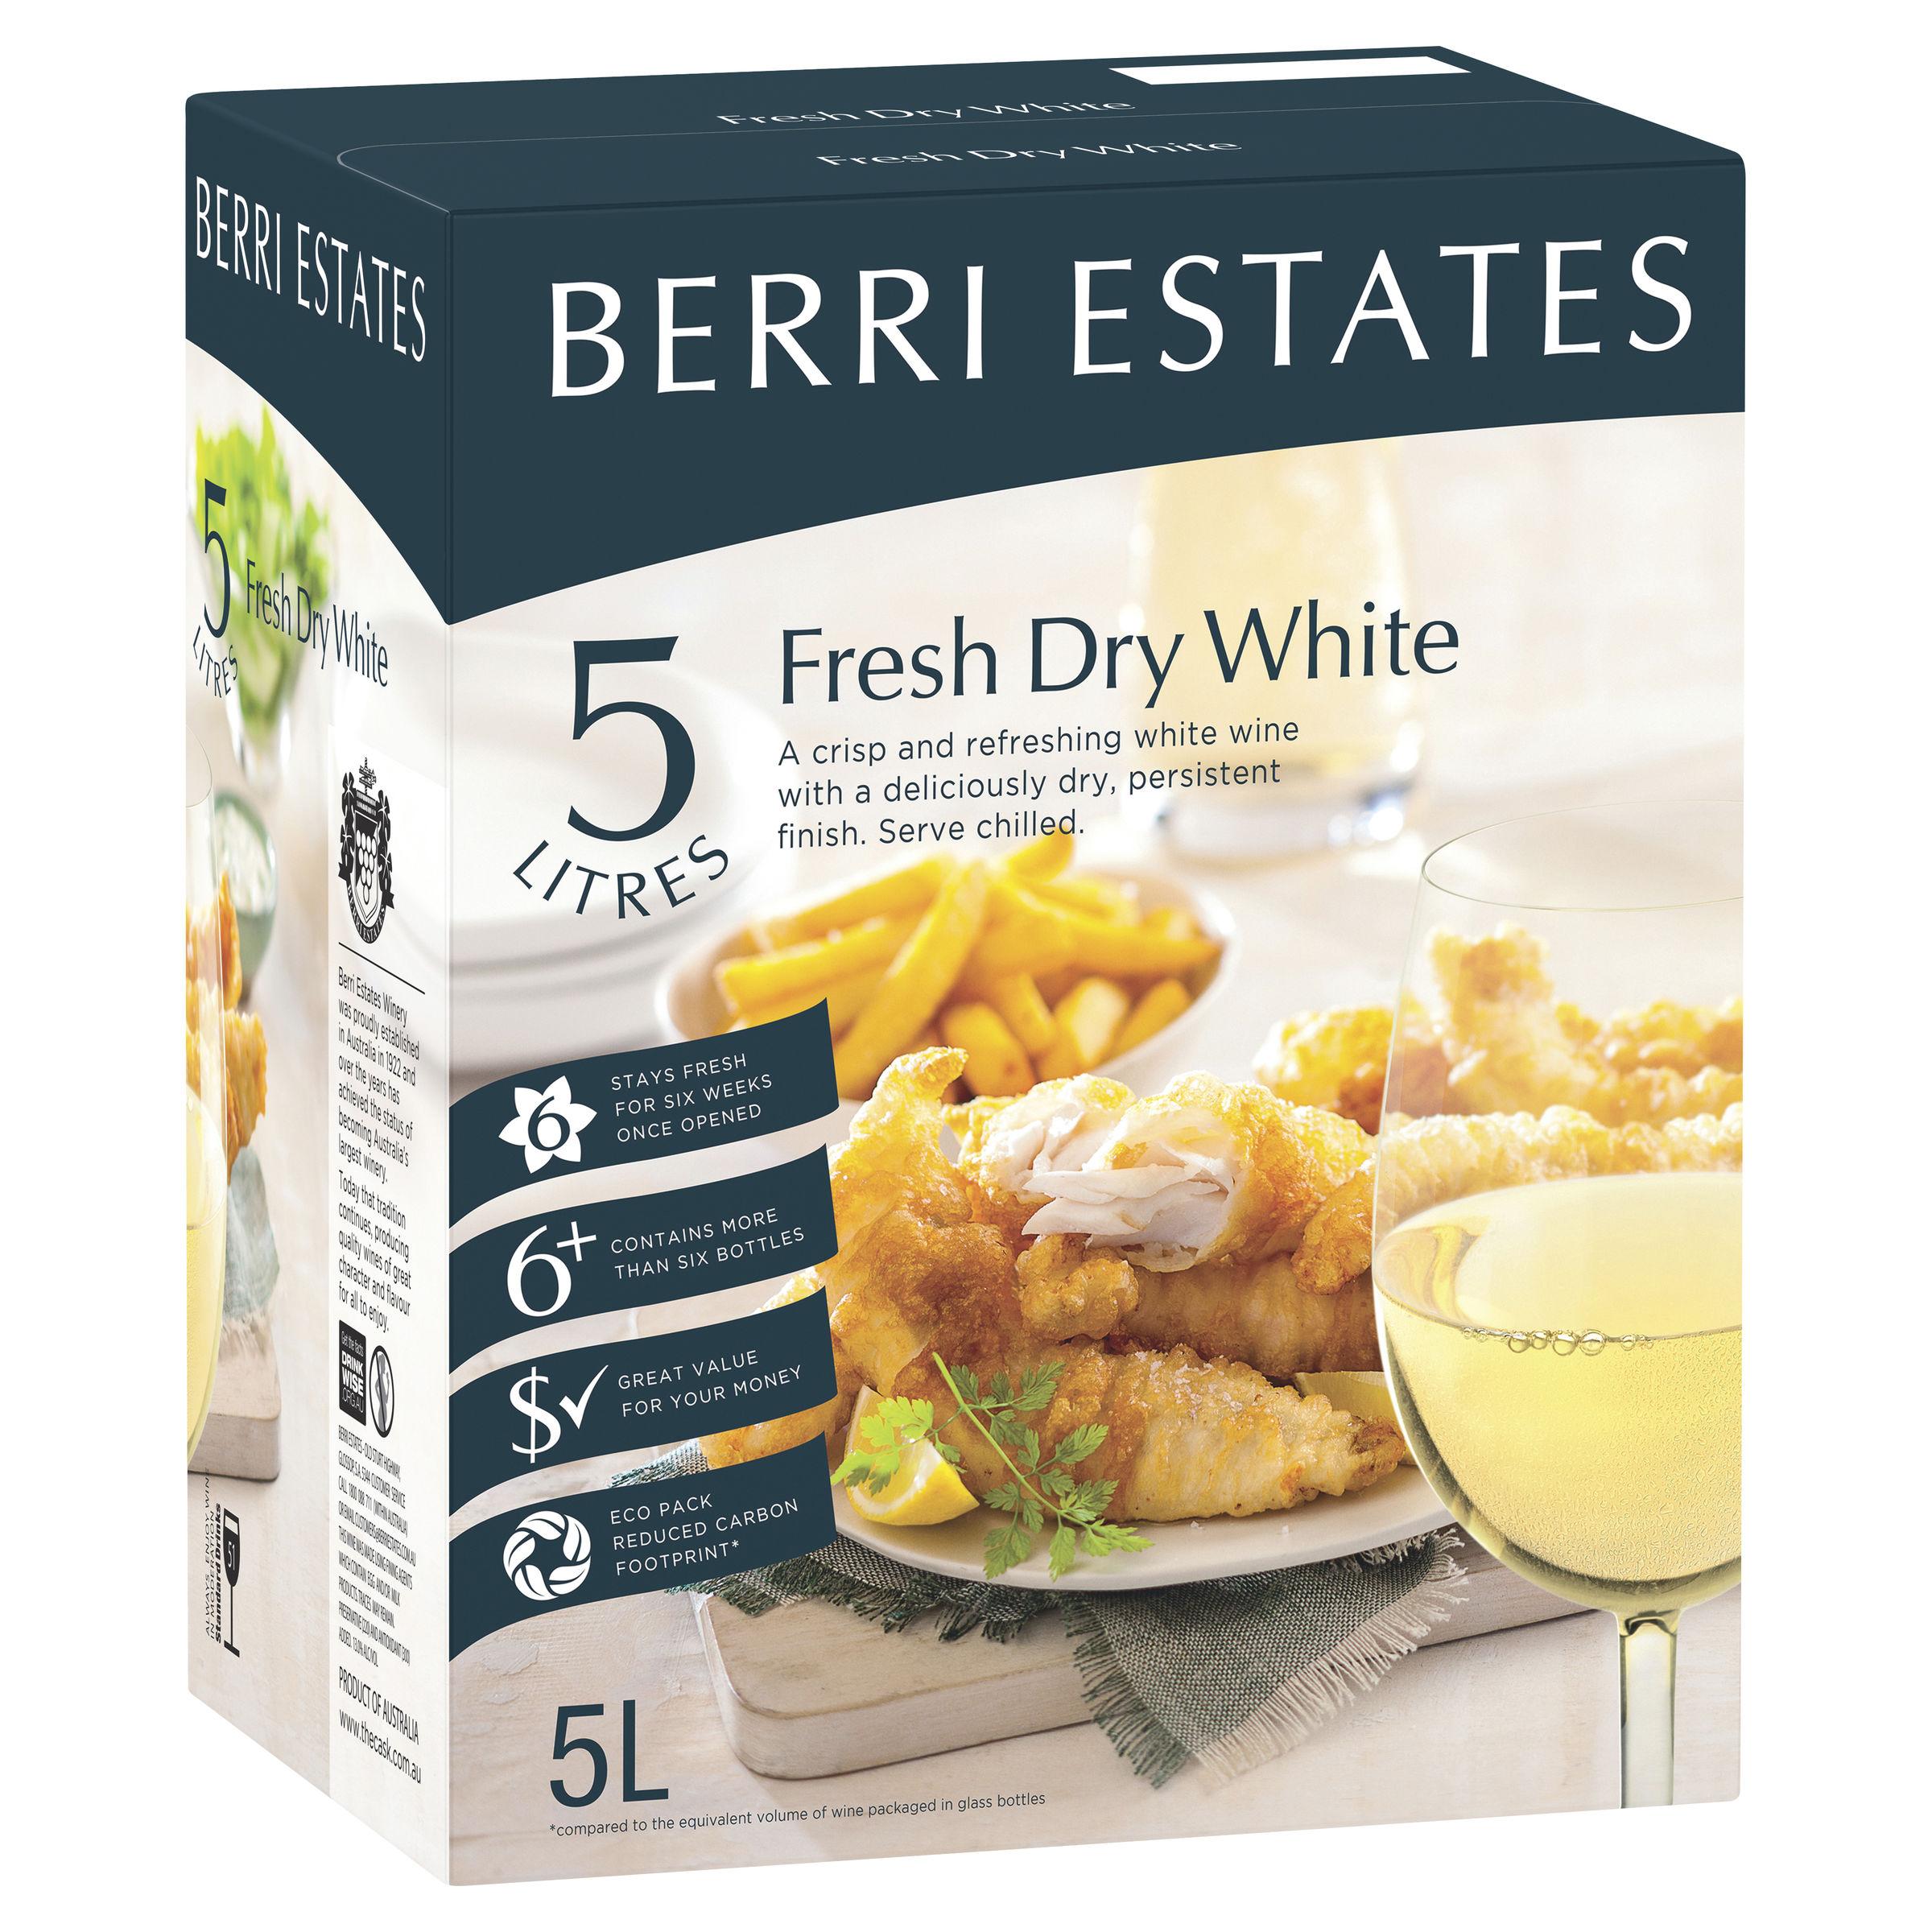 BERRI FRESH DRY WHITE RIESLING